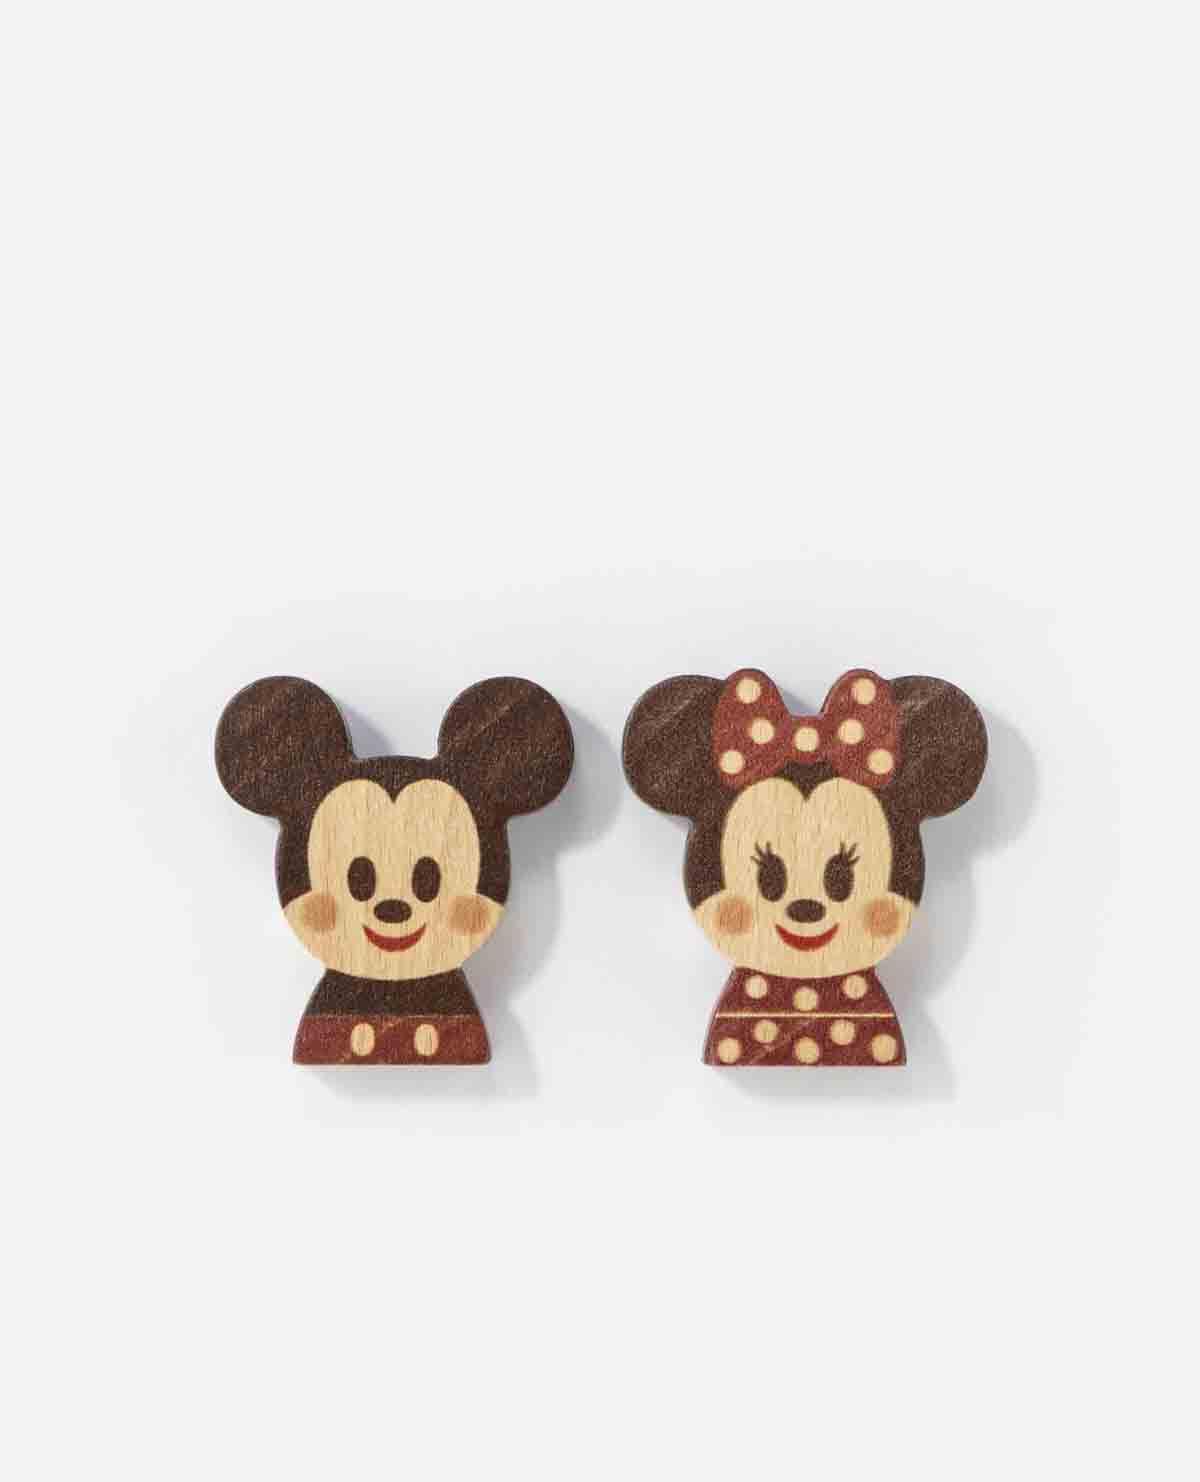 ディズニー キディア ブロック ミッキー フレンズ 積み木